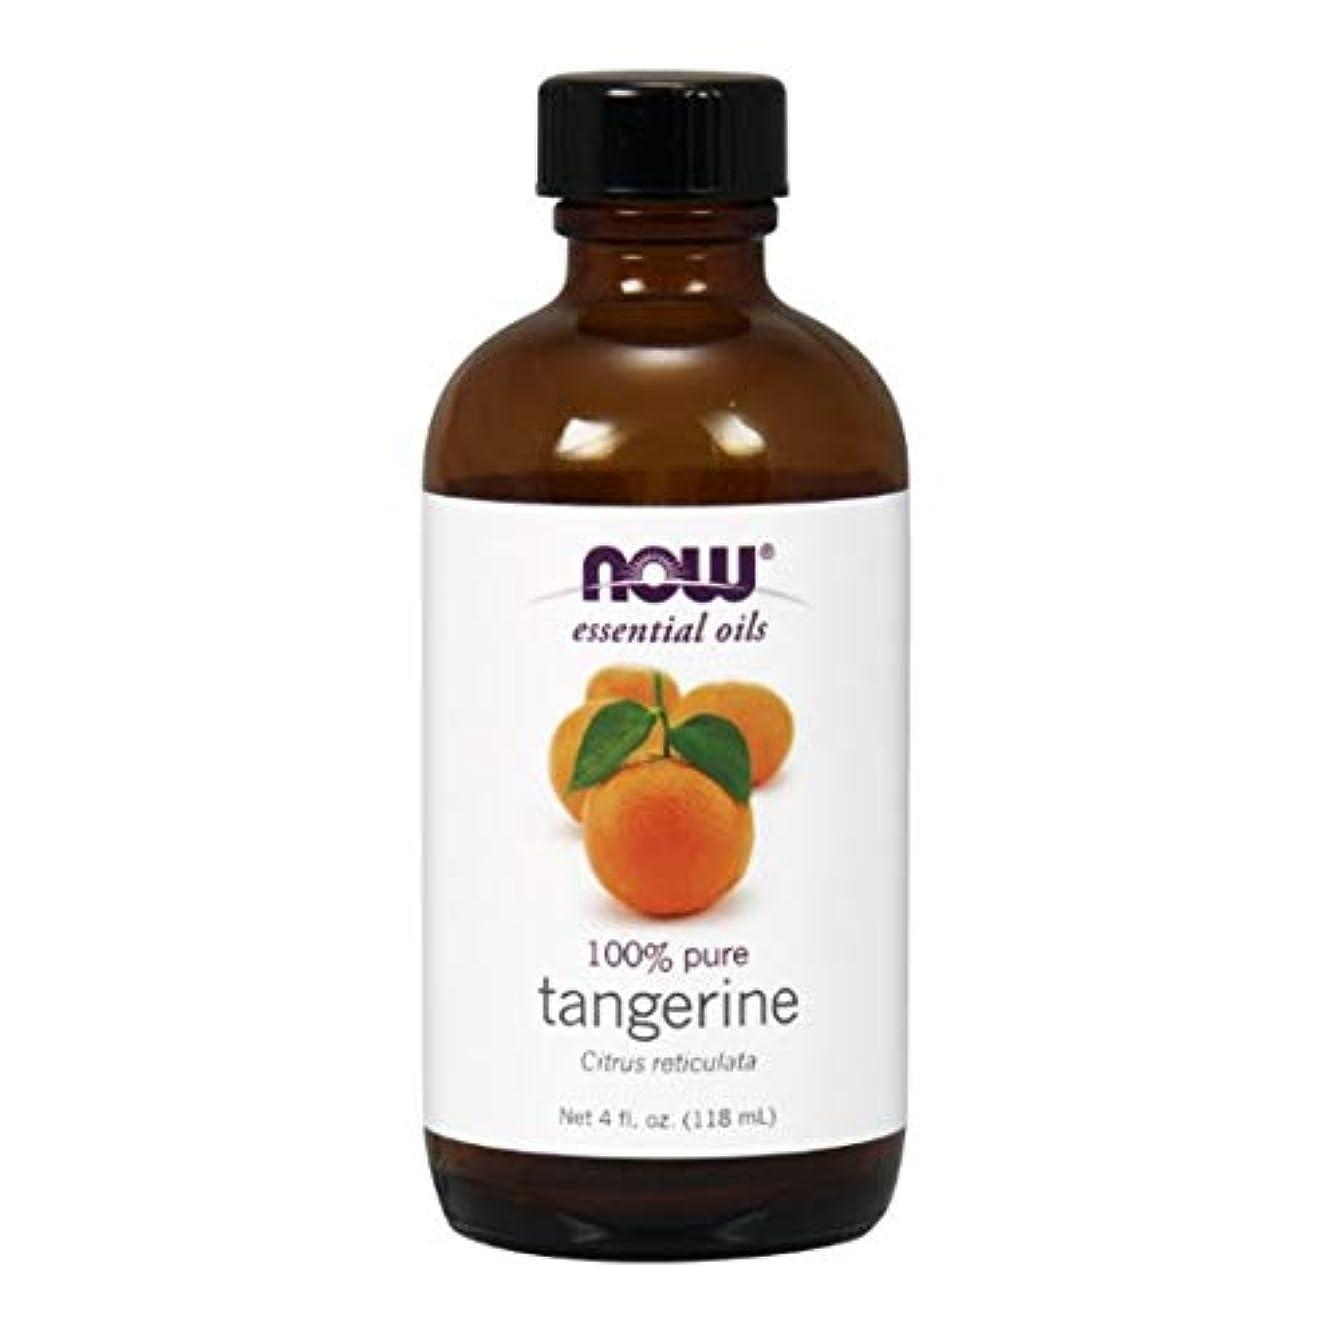 無臭つかいます尊厳Now - Tangerine Oil 100% Pure 4 oz (118 ml) [並行輸入品]